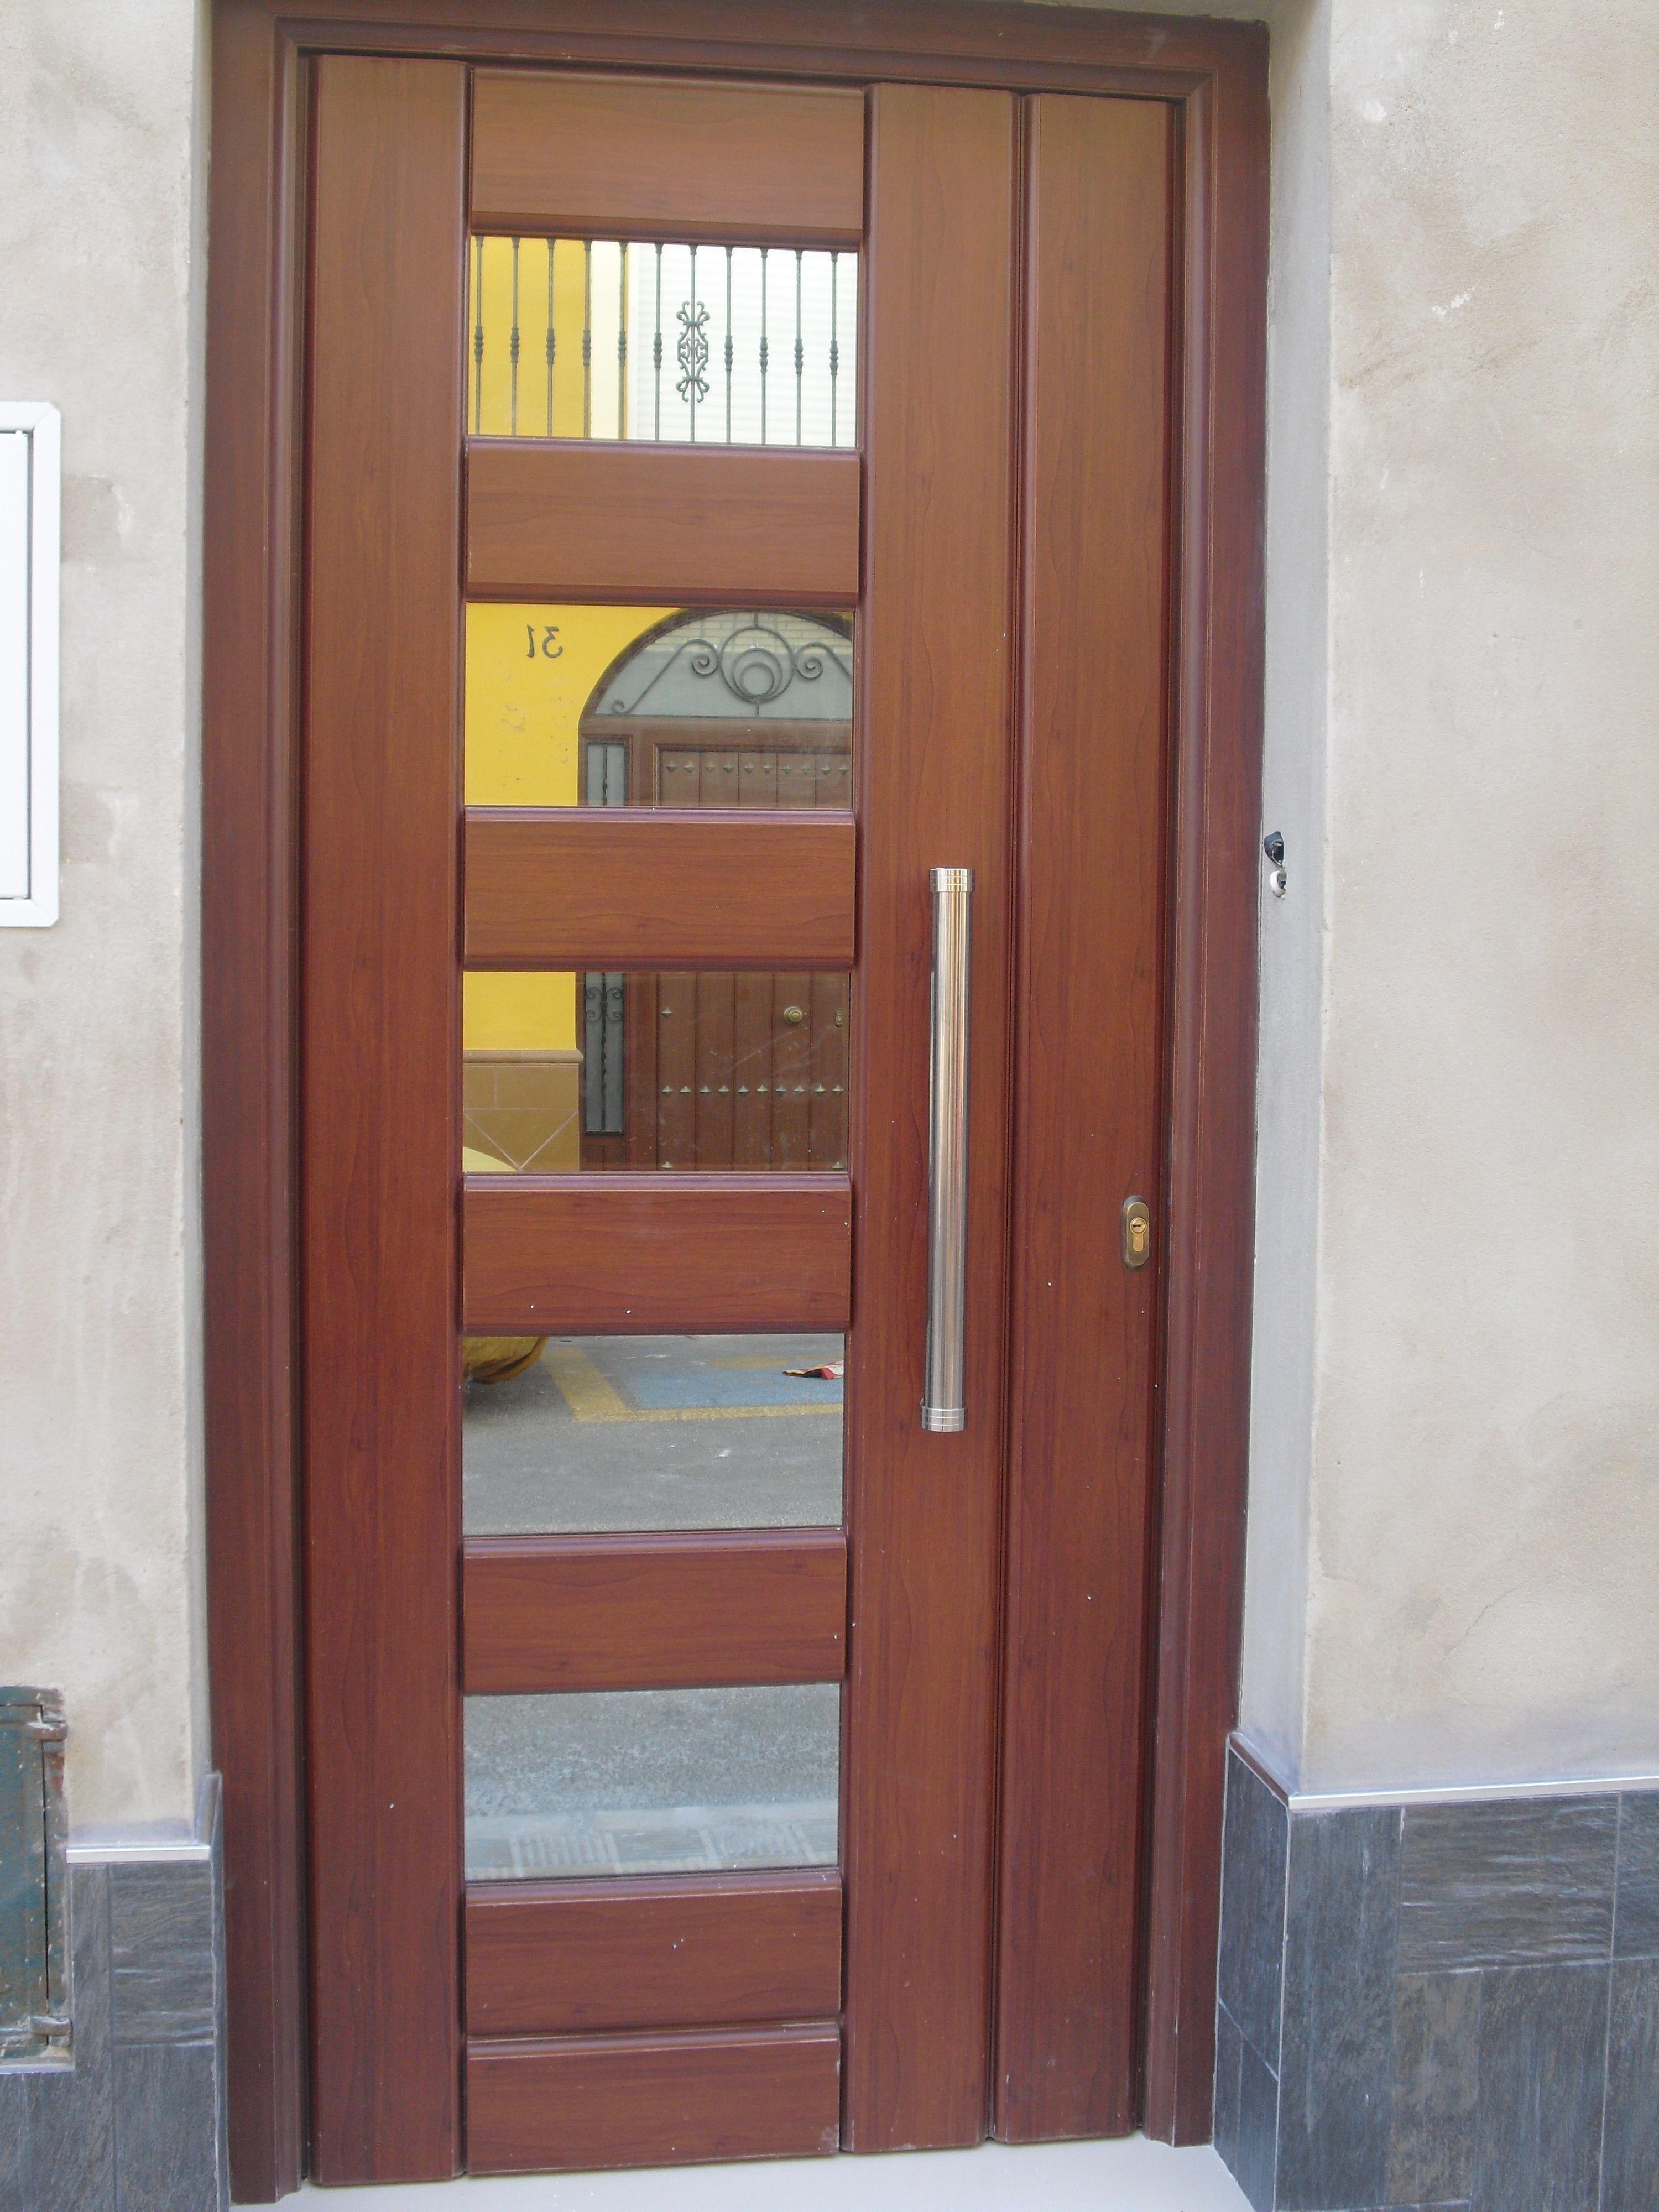 Puertas de aluminiopure nudist junior for Puertas en aluminio